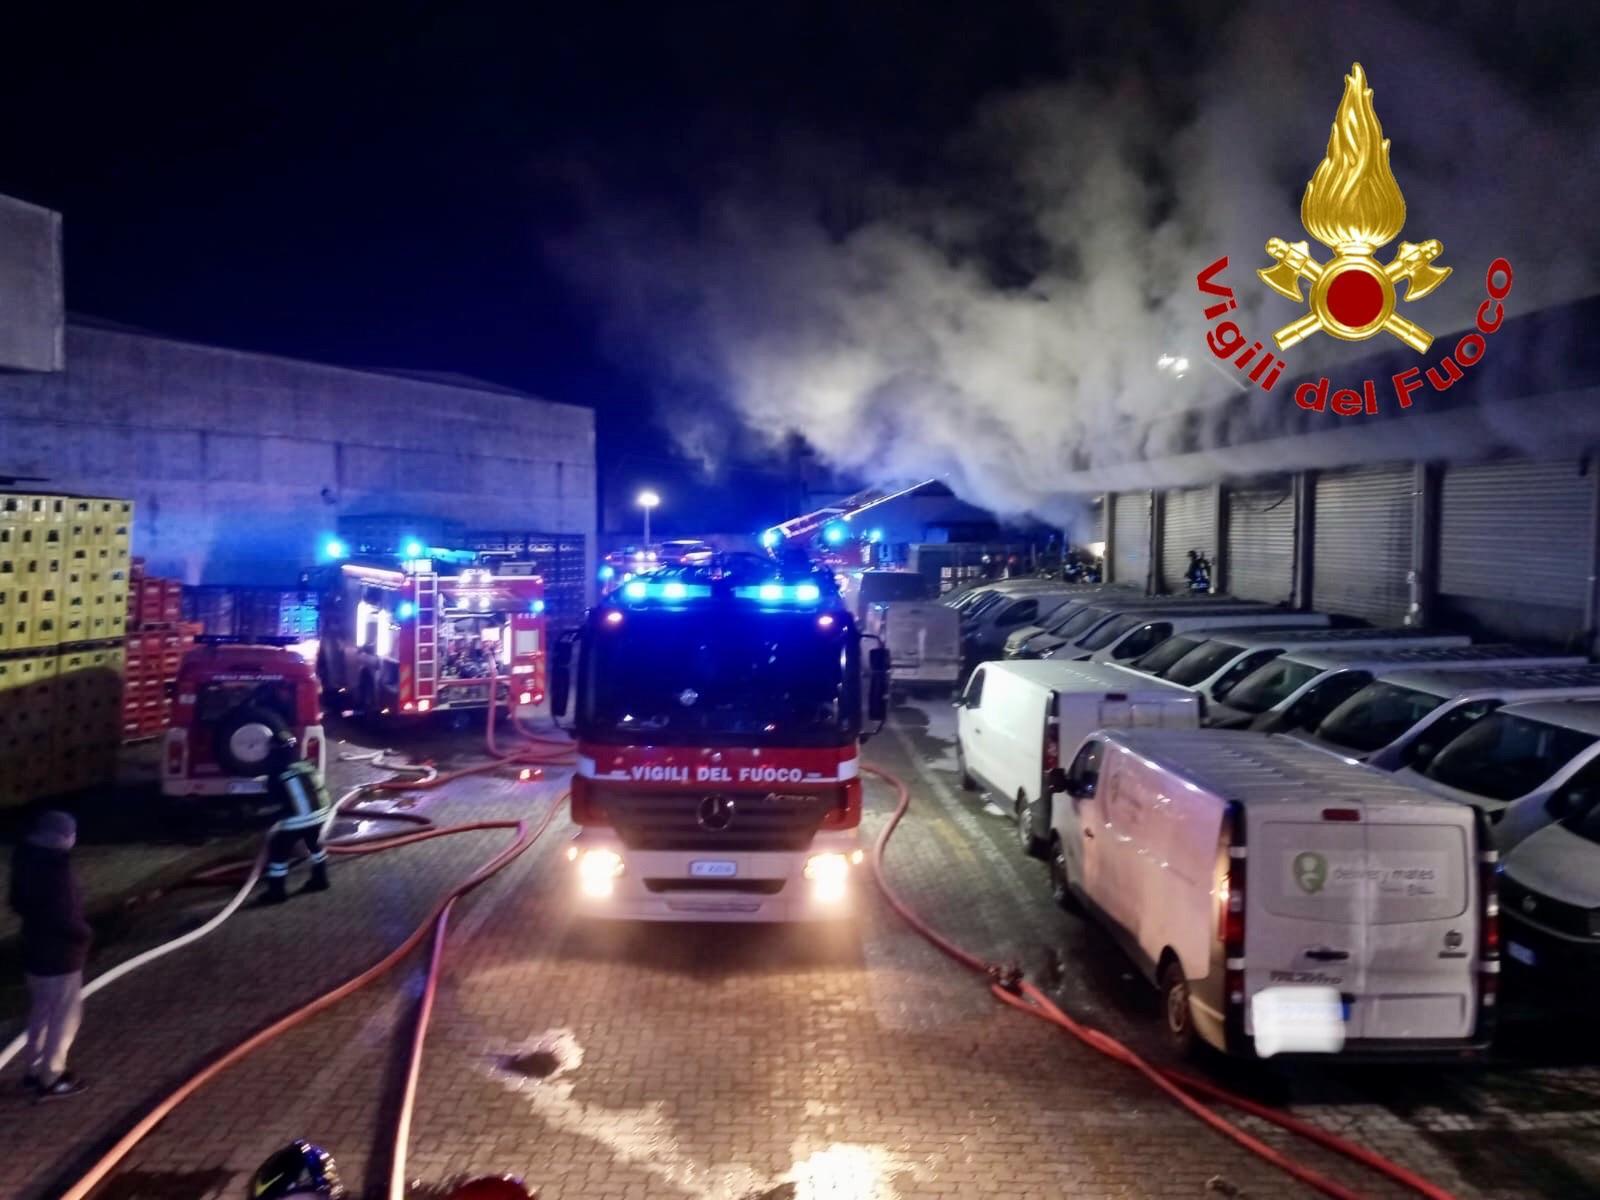 incendio Affori - Incendio in un capannone. Pare c'entri un monopattino elettrico 17/01/2021